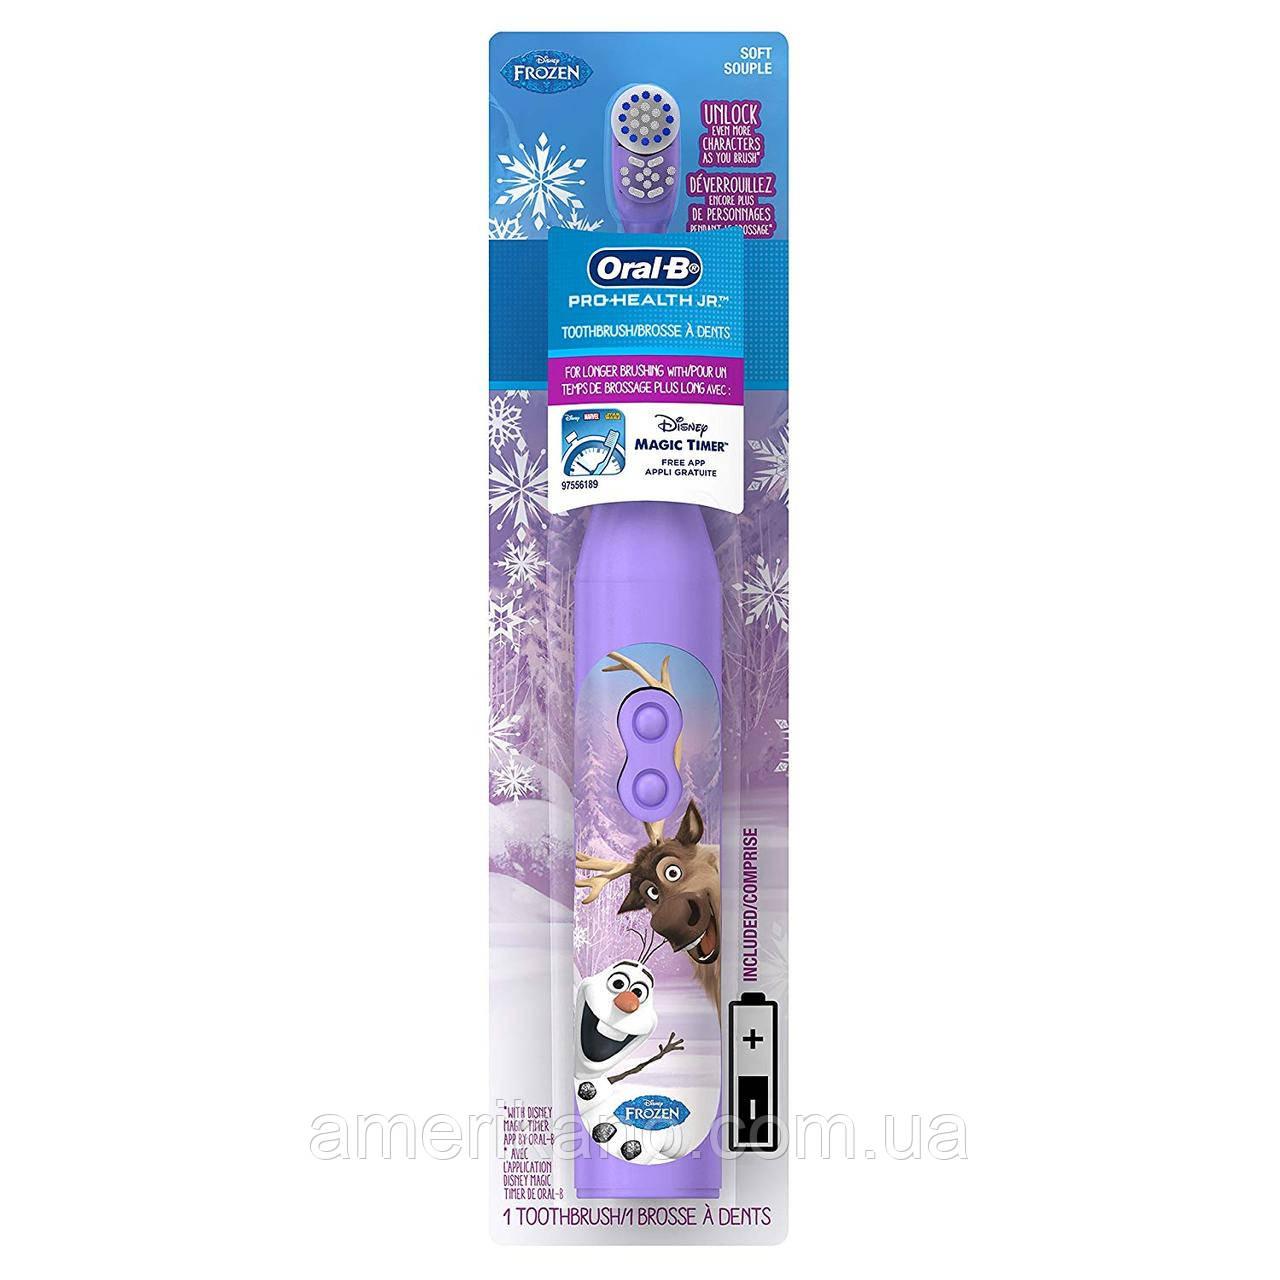 Oral-B детская электрическая зубная щетка Disney's Frozen из США. Оригинал.